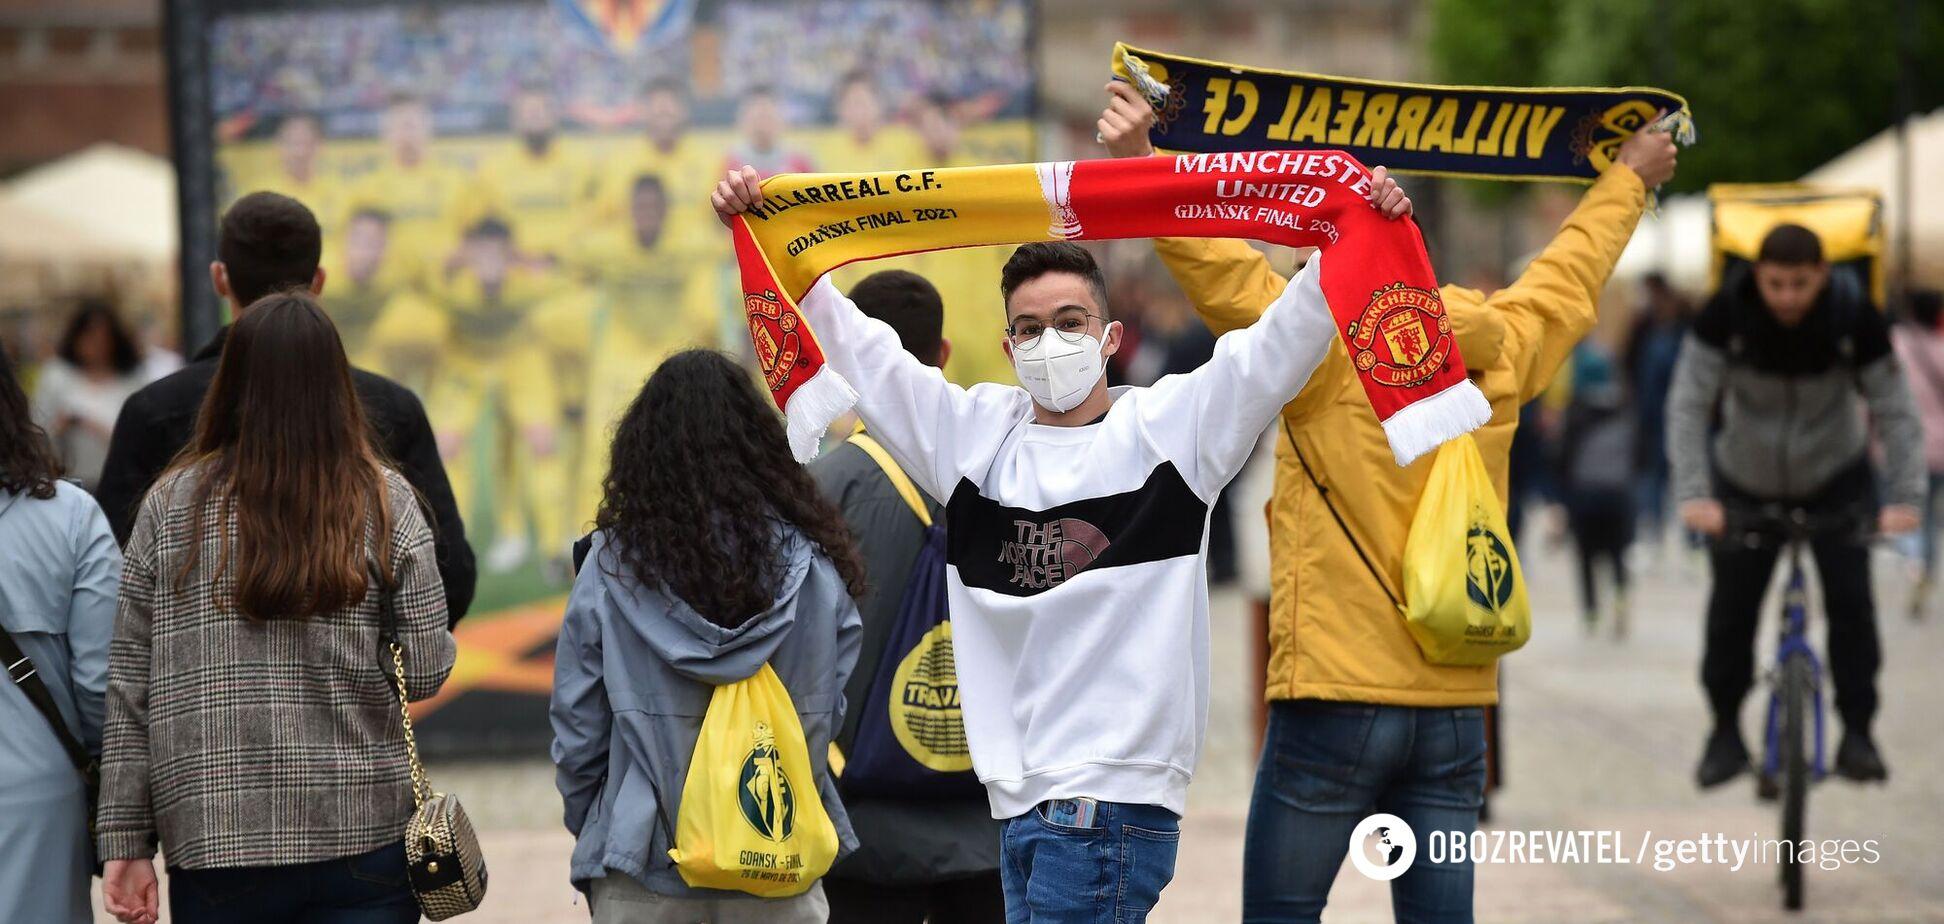 Де Хеа мажет с пенальти! 'Вильярреал' – 'Манчестер Юнайтед' – 12-11: онлайн-трансляция финала Лиги Европы